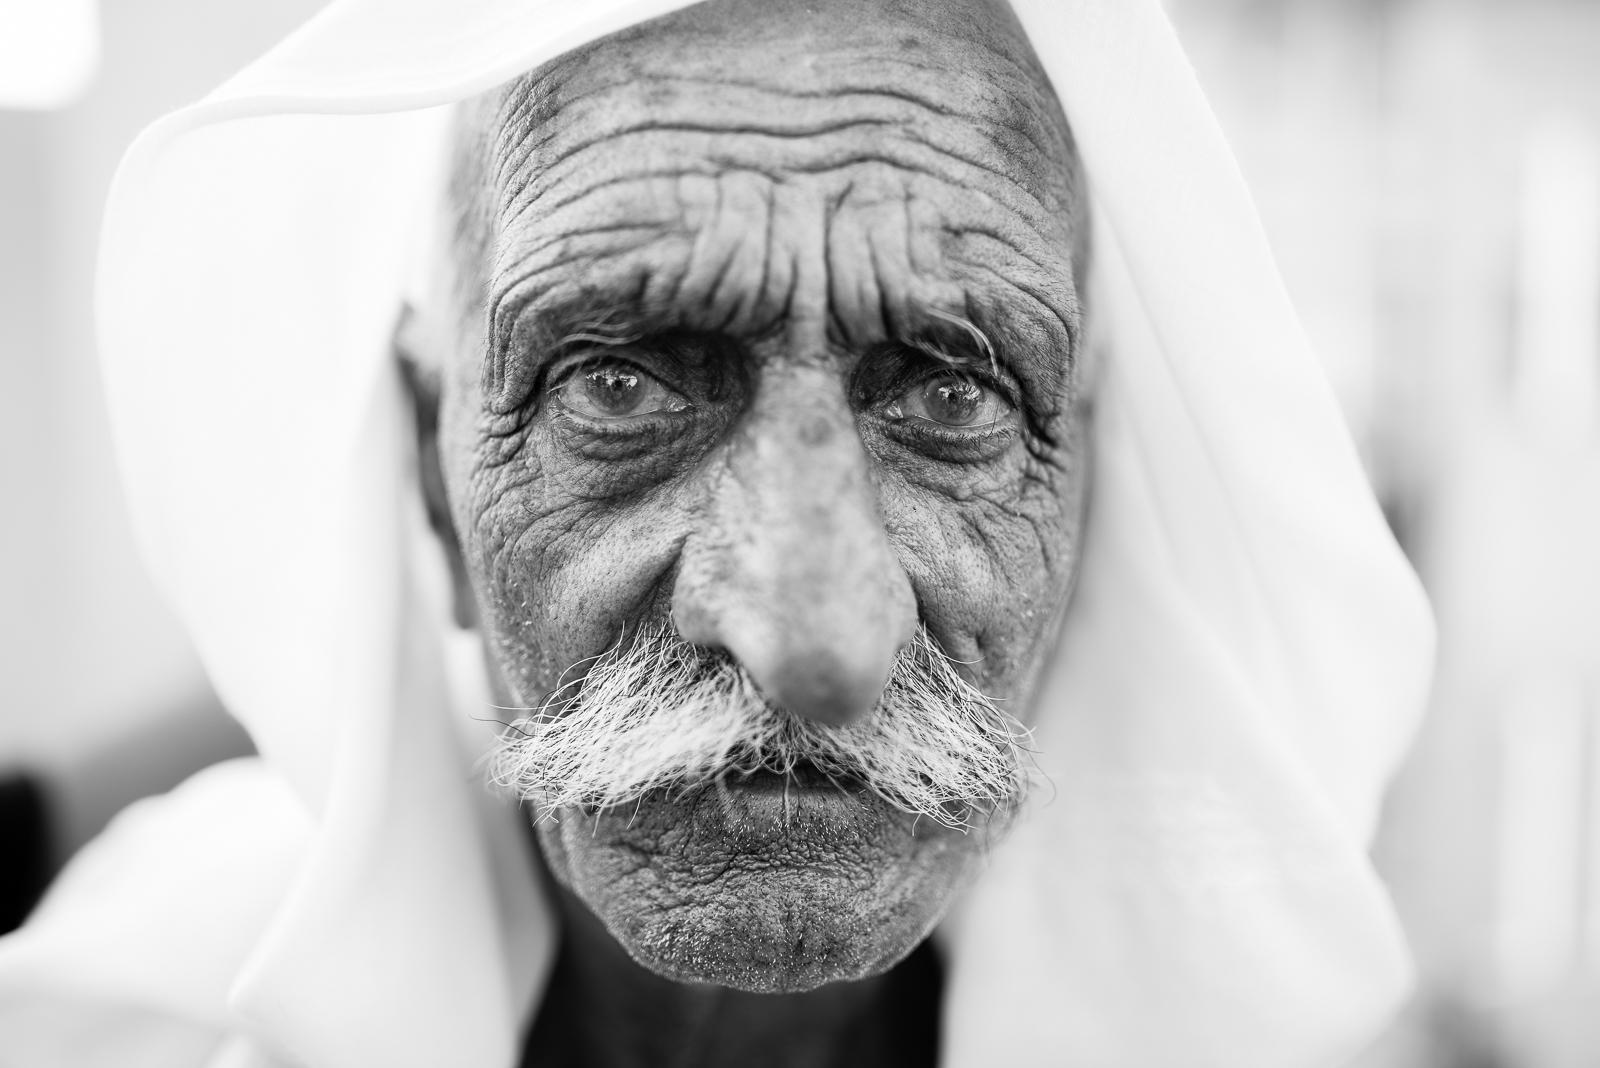 Elder man in the Erbil's refugees camp